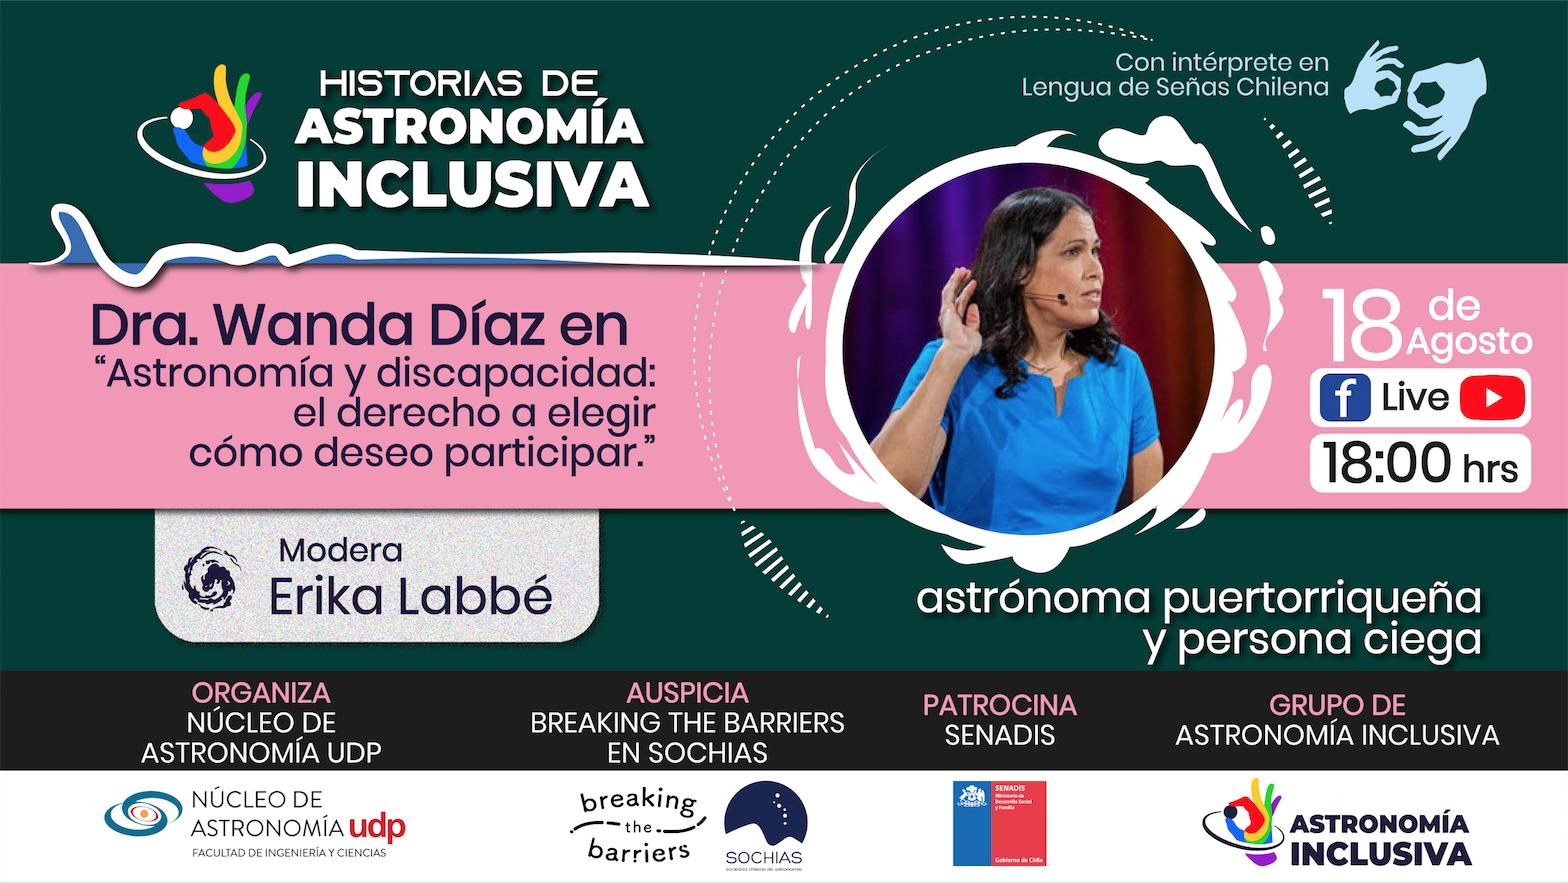 Serie online «Historias de Astronomía Inclusiva»